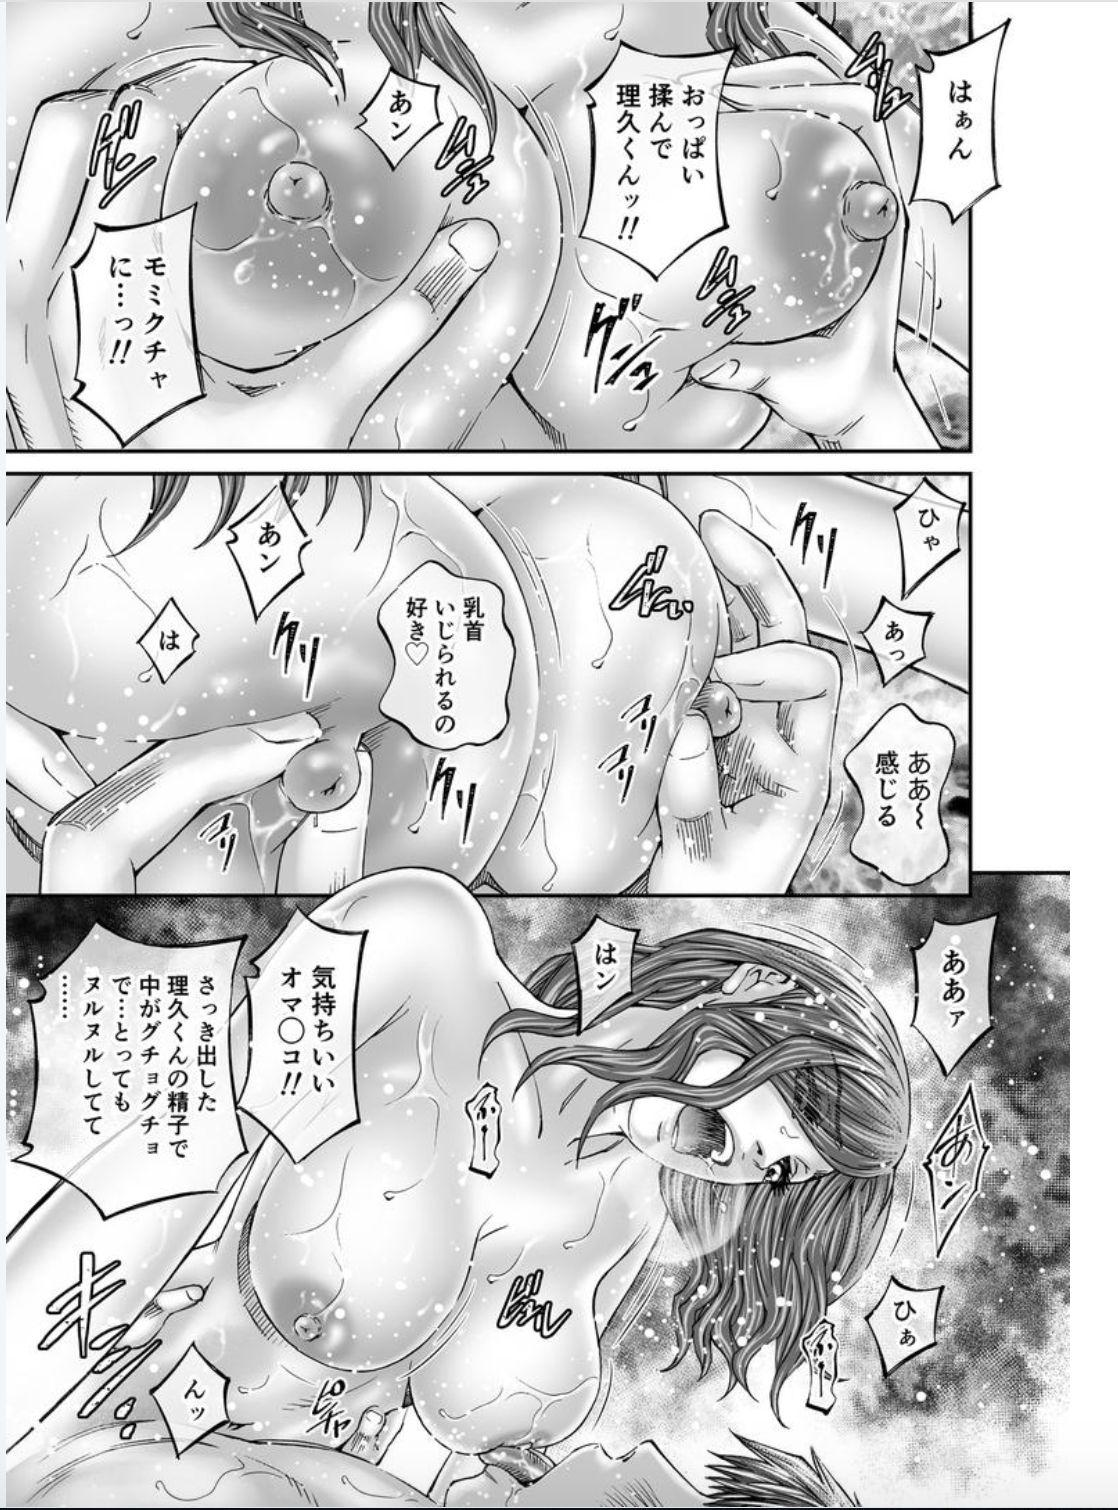 Seisyoku Dance Hitodzuma no chitsueki ni mamirete 1-2 110